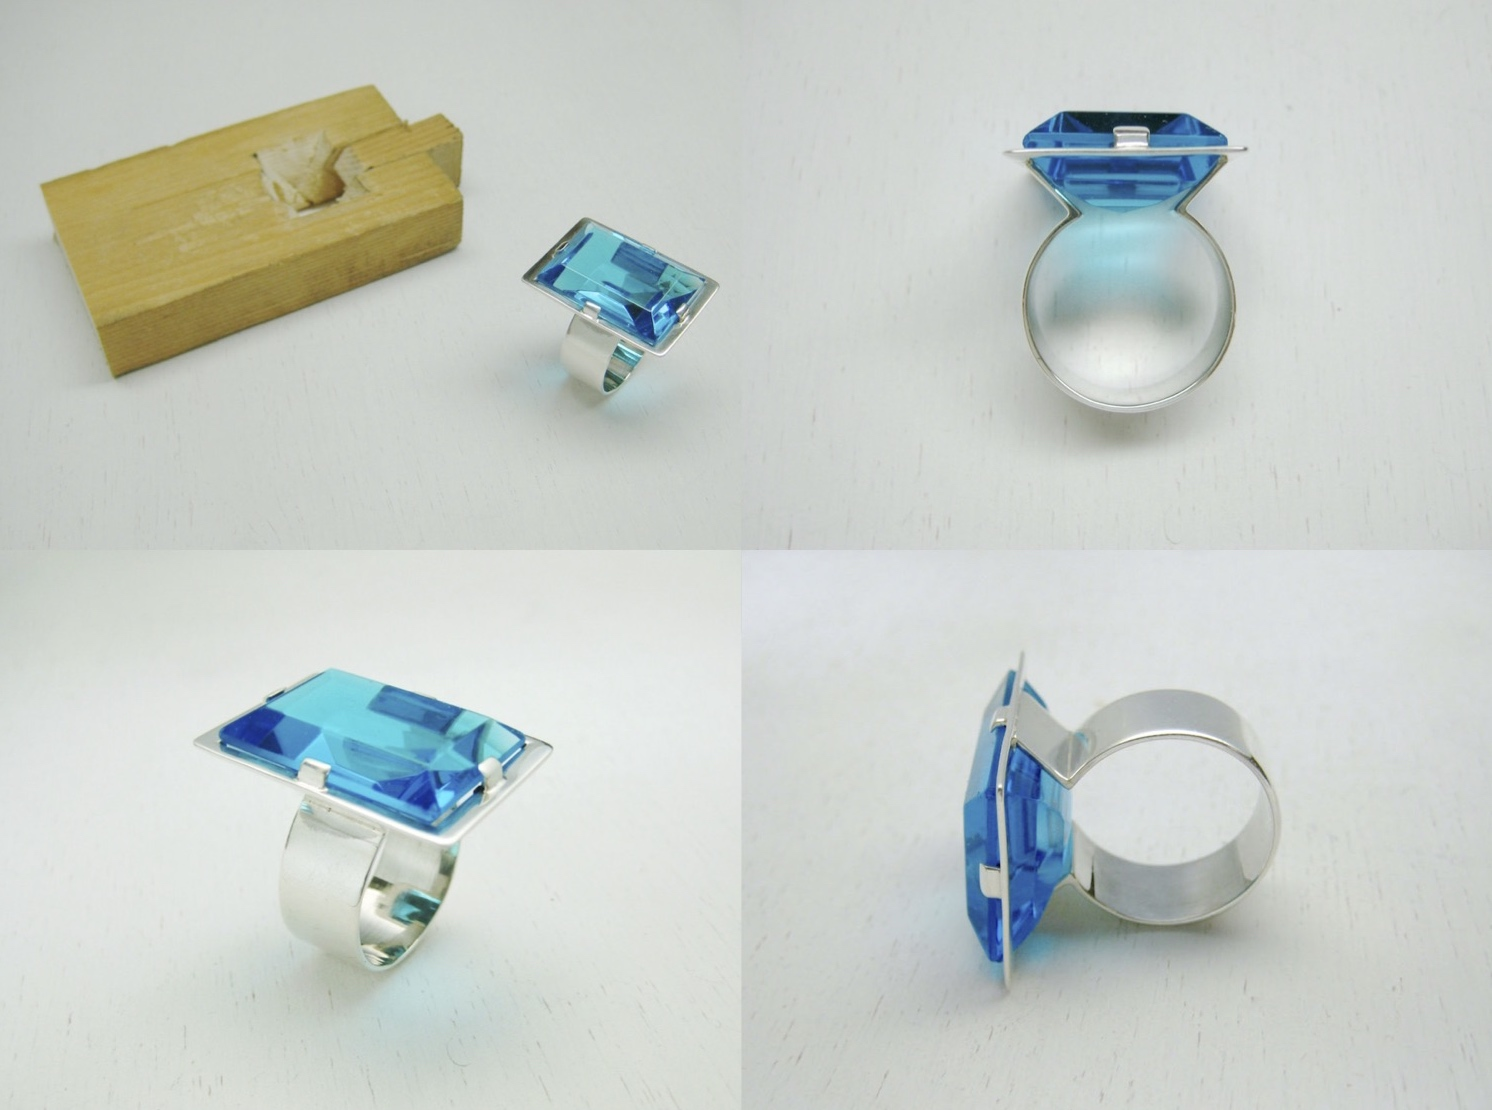 b5e0b9e1d0ea anillo de plata con piedra sin saber qué nombre tiene • un trabajo entre  Tanja y Paka